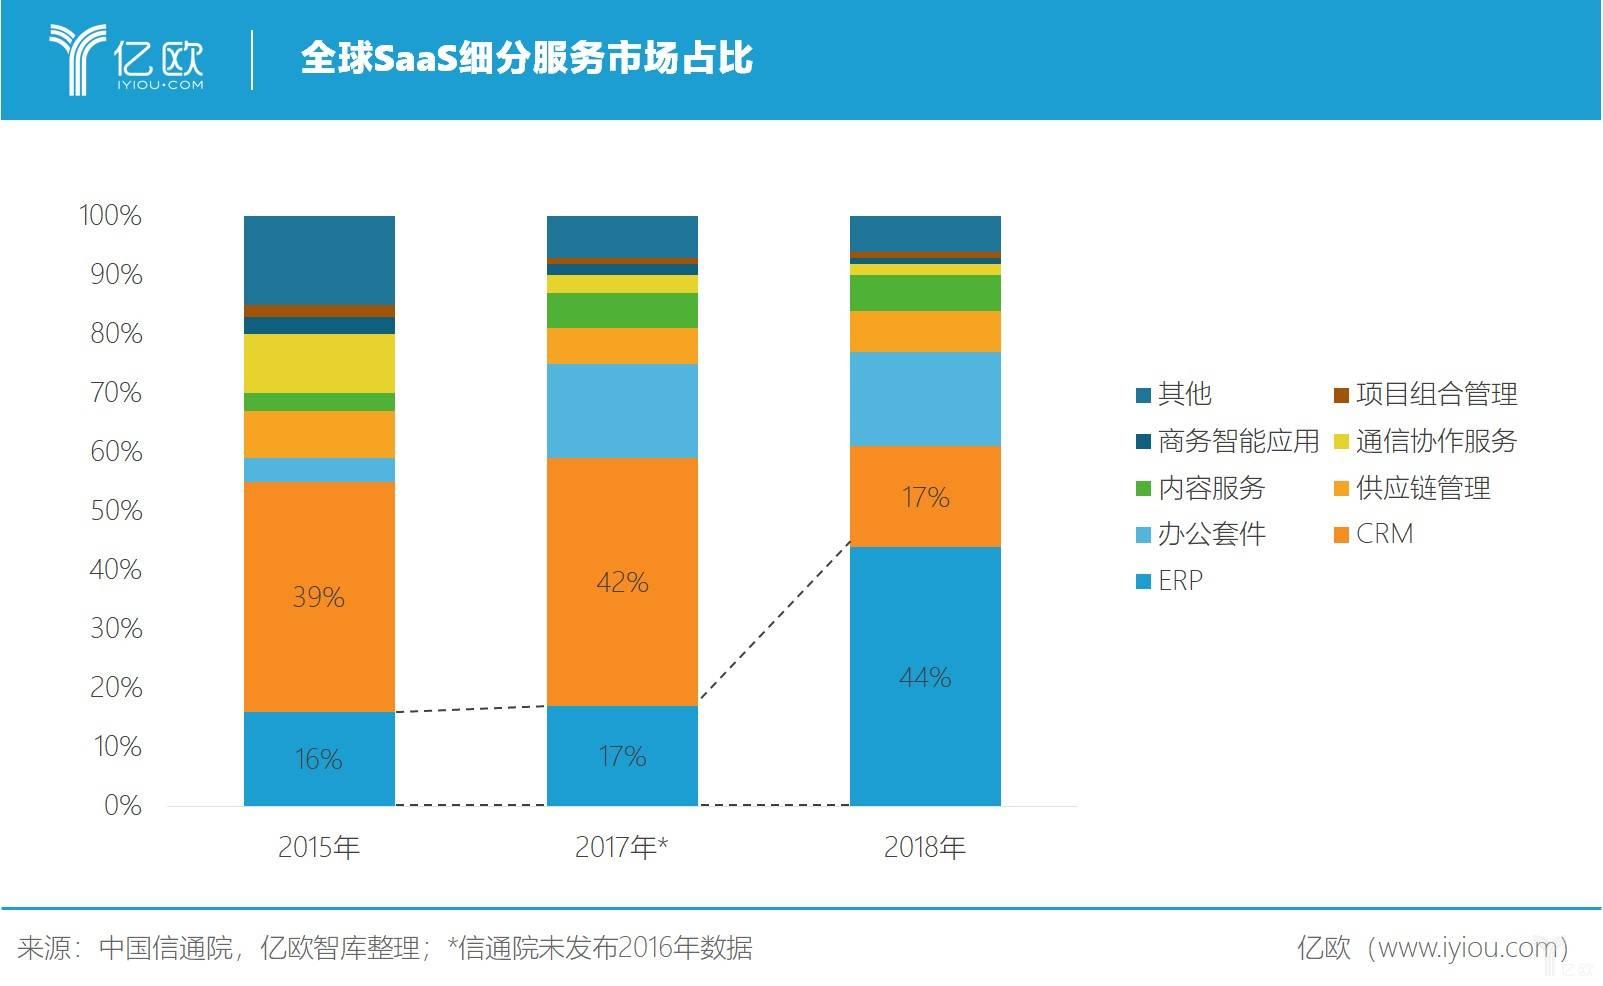 亿欧智库:全球SaaS细分服务市场占比